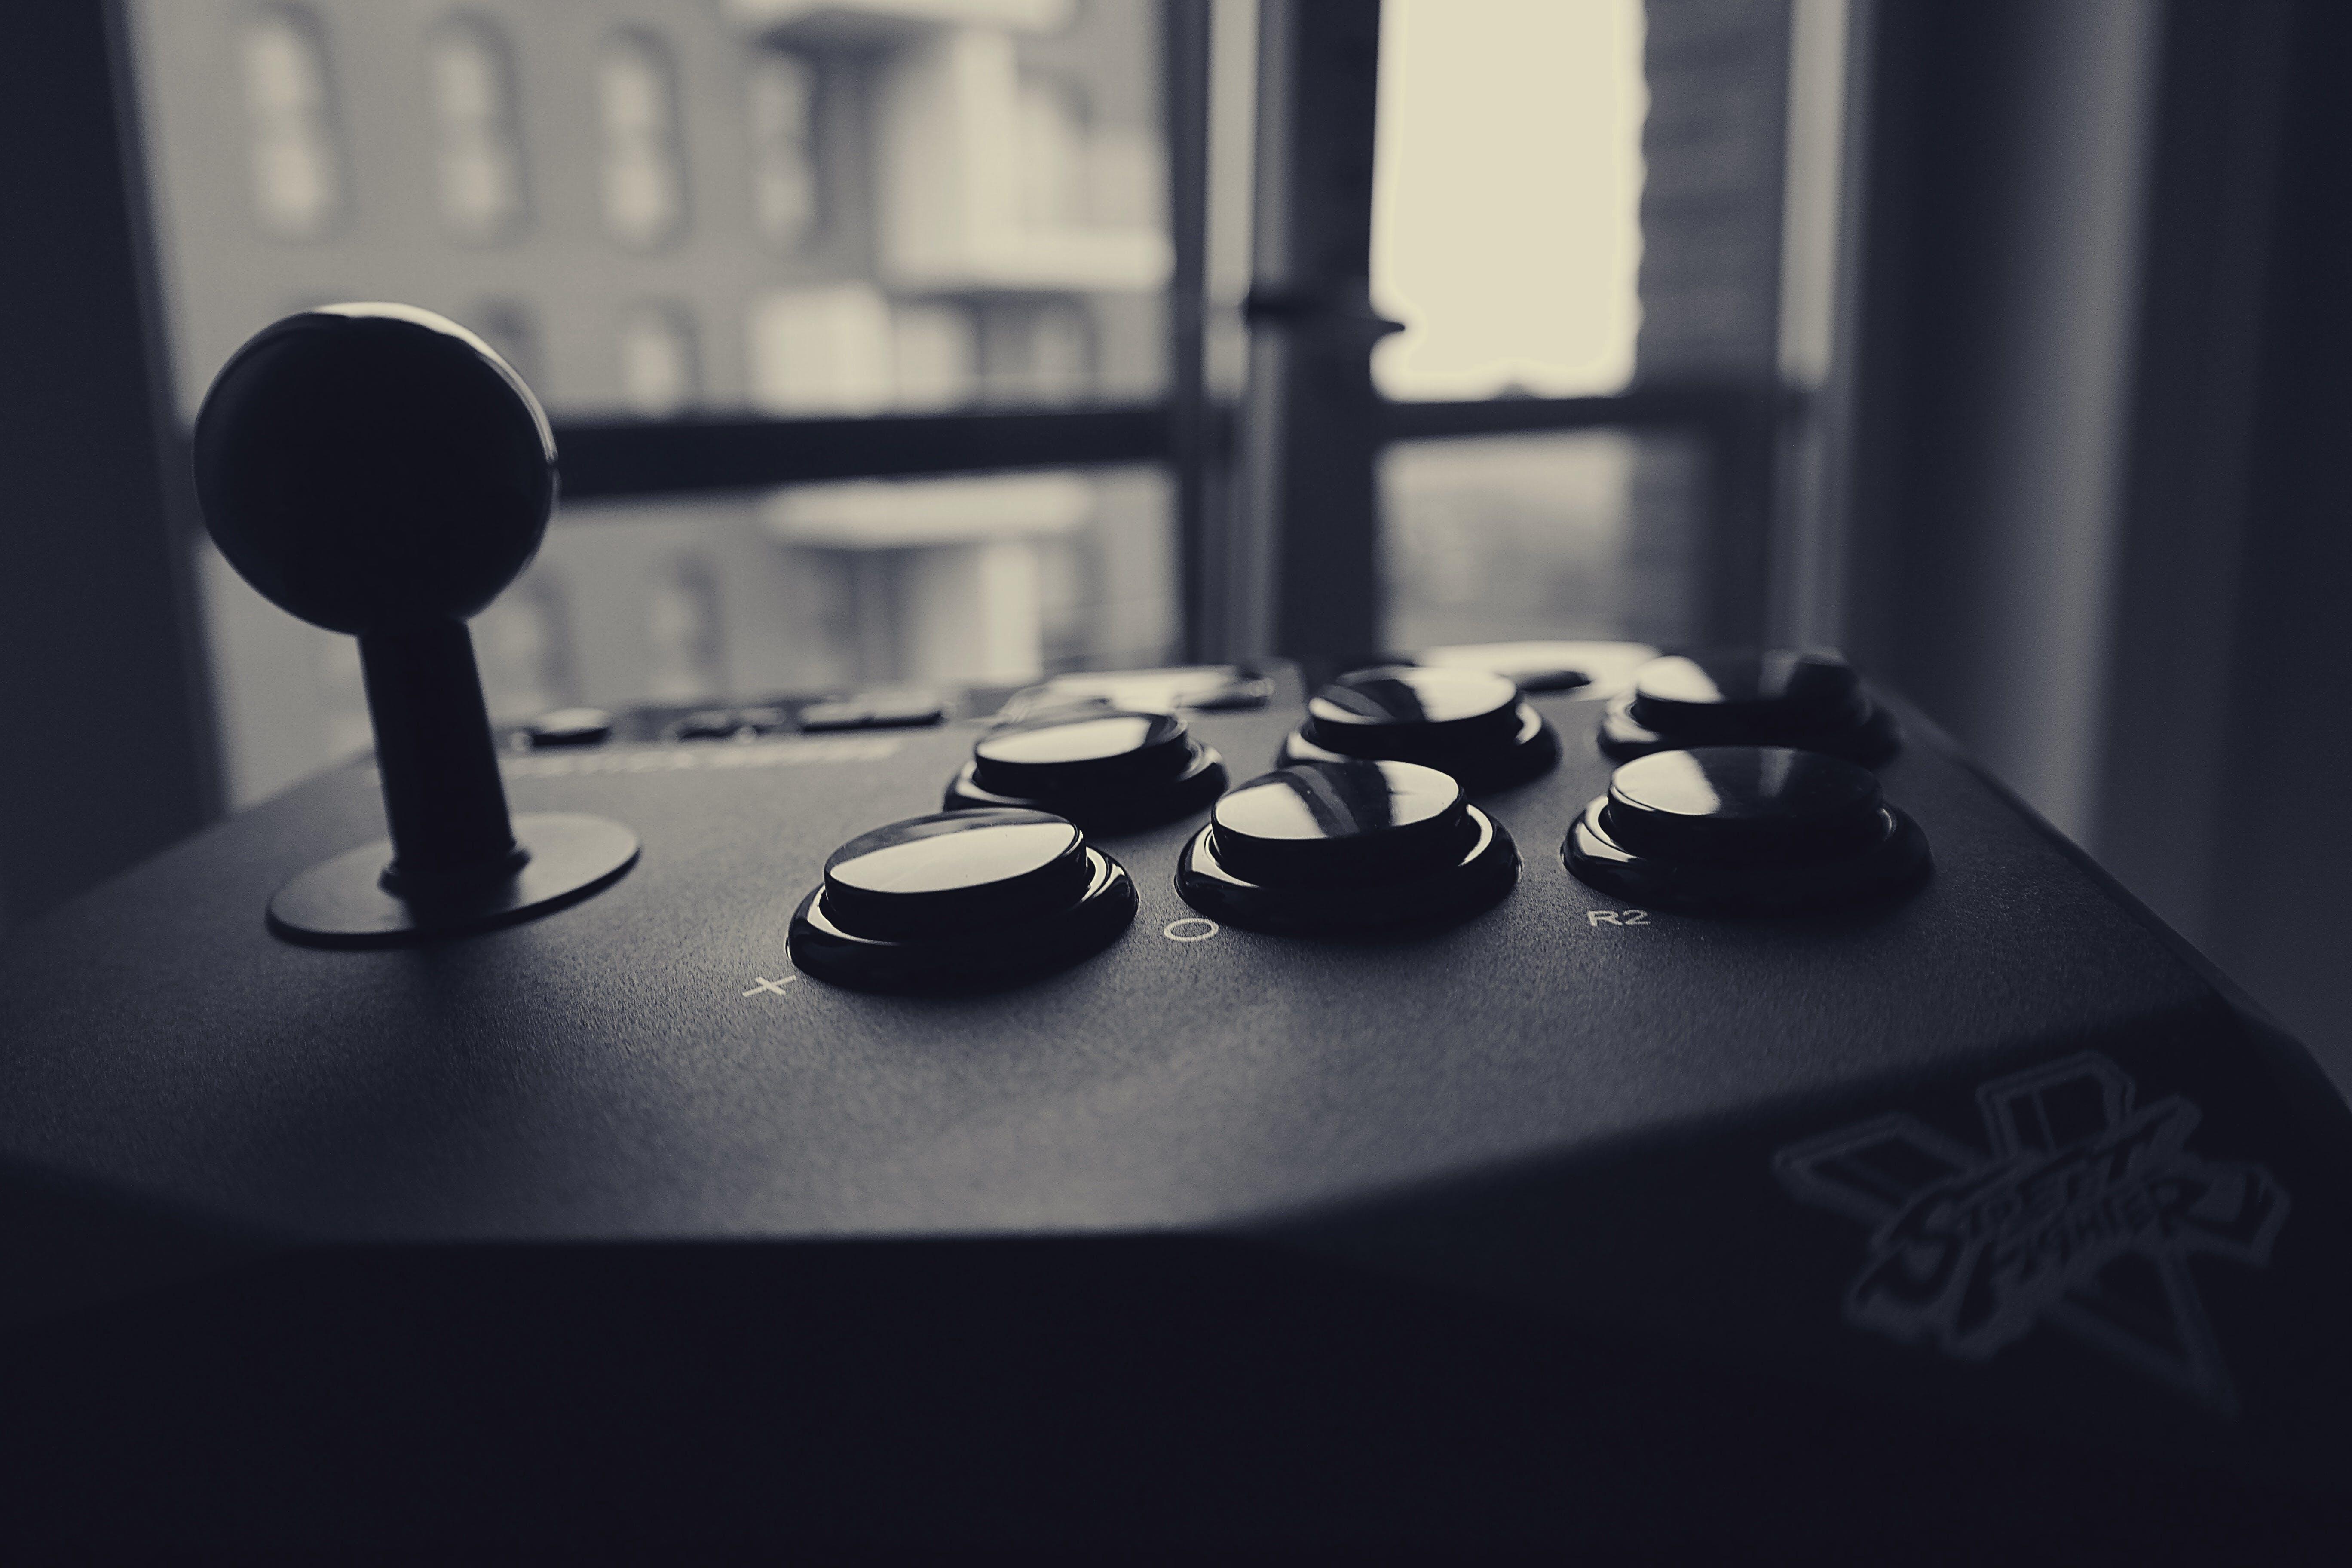 Gray Scale Arcade Controller